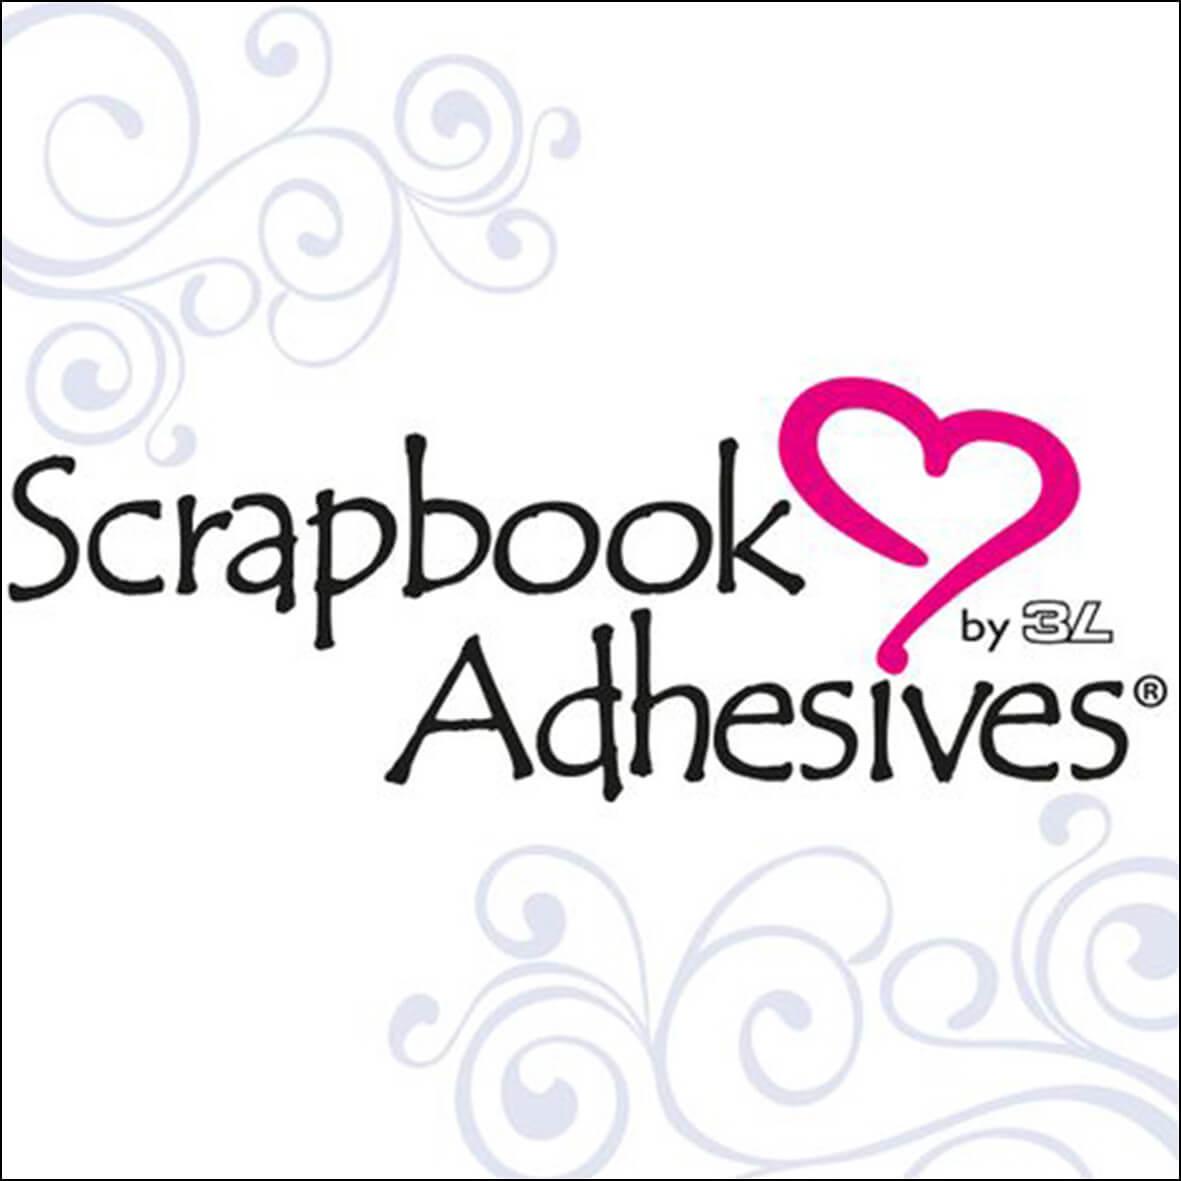 Scrapbook Adhesive